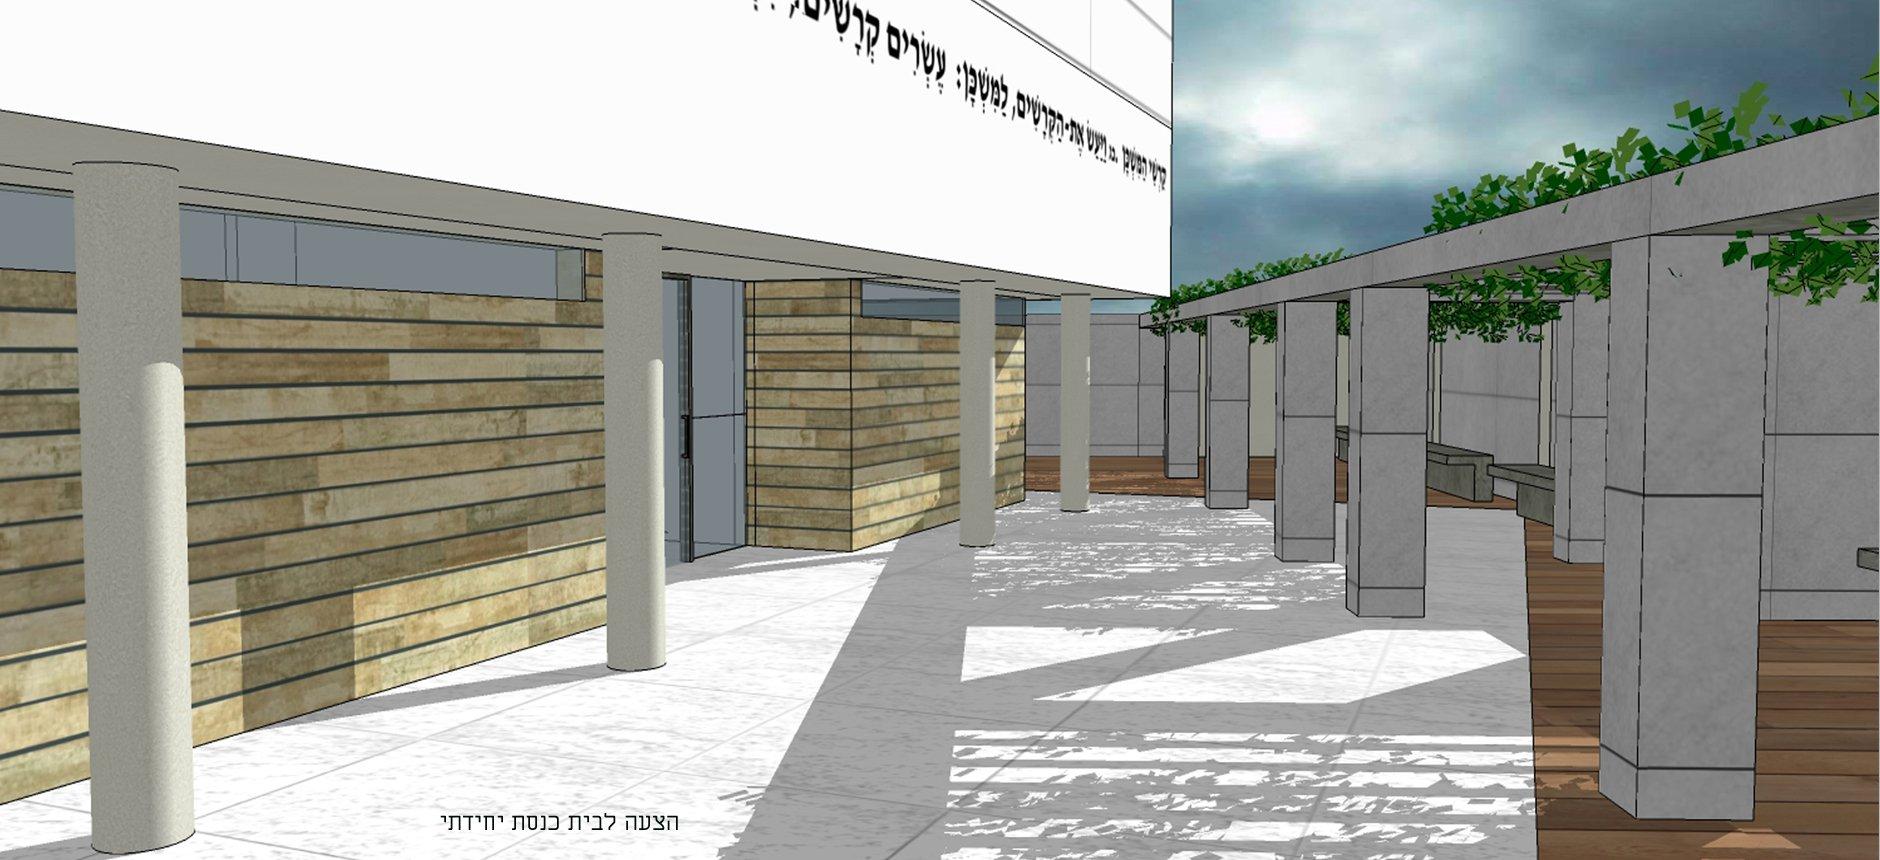 בית כנסת- מבני רווחה-אדריכלות בתי כנסת -צה